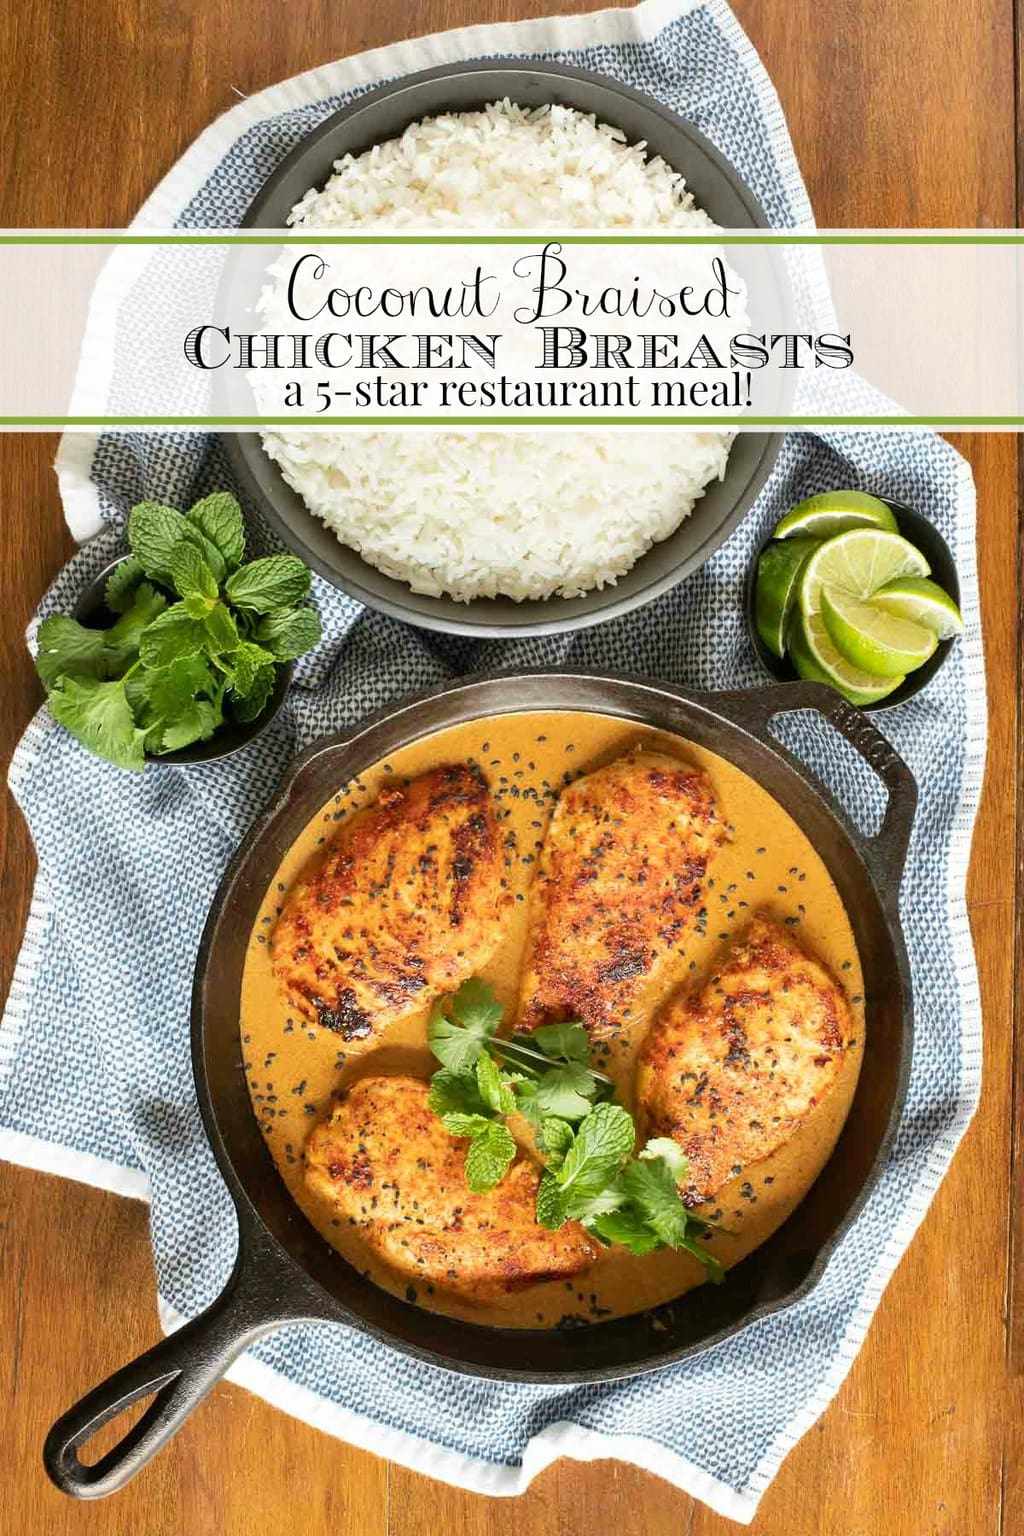 Coconut Braised Chicken Breasts